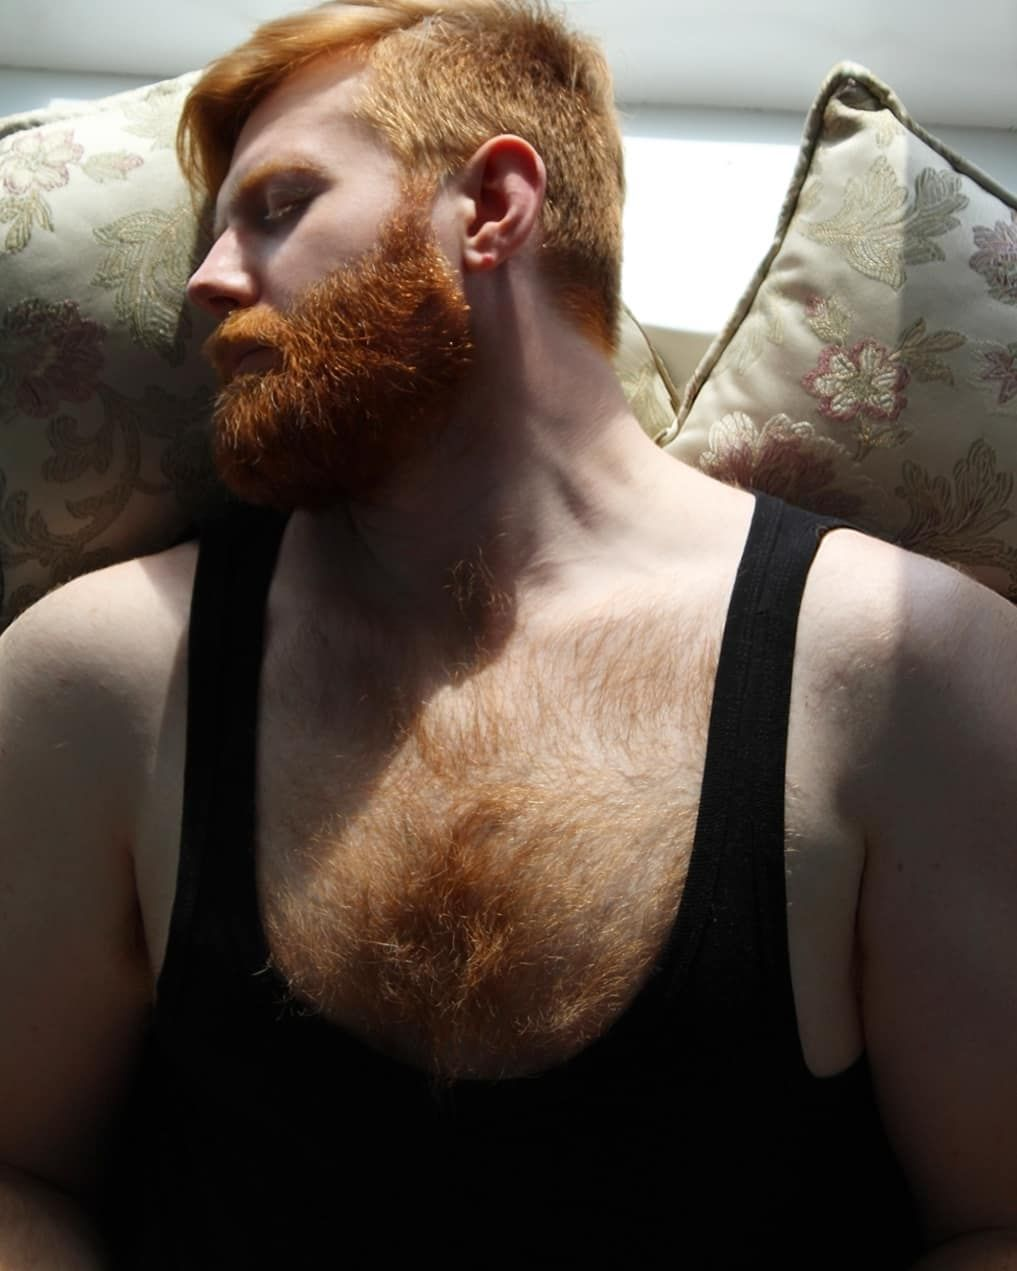 Pin on Bear ginger men